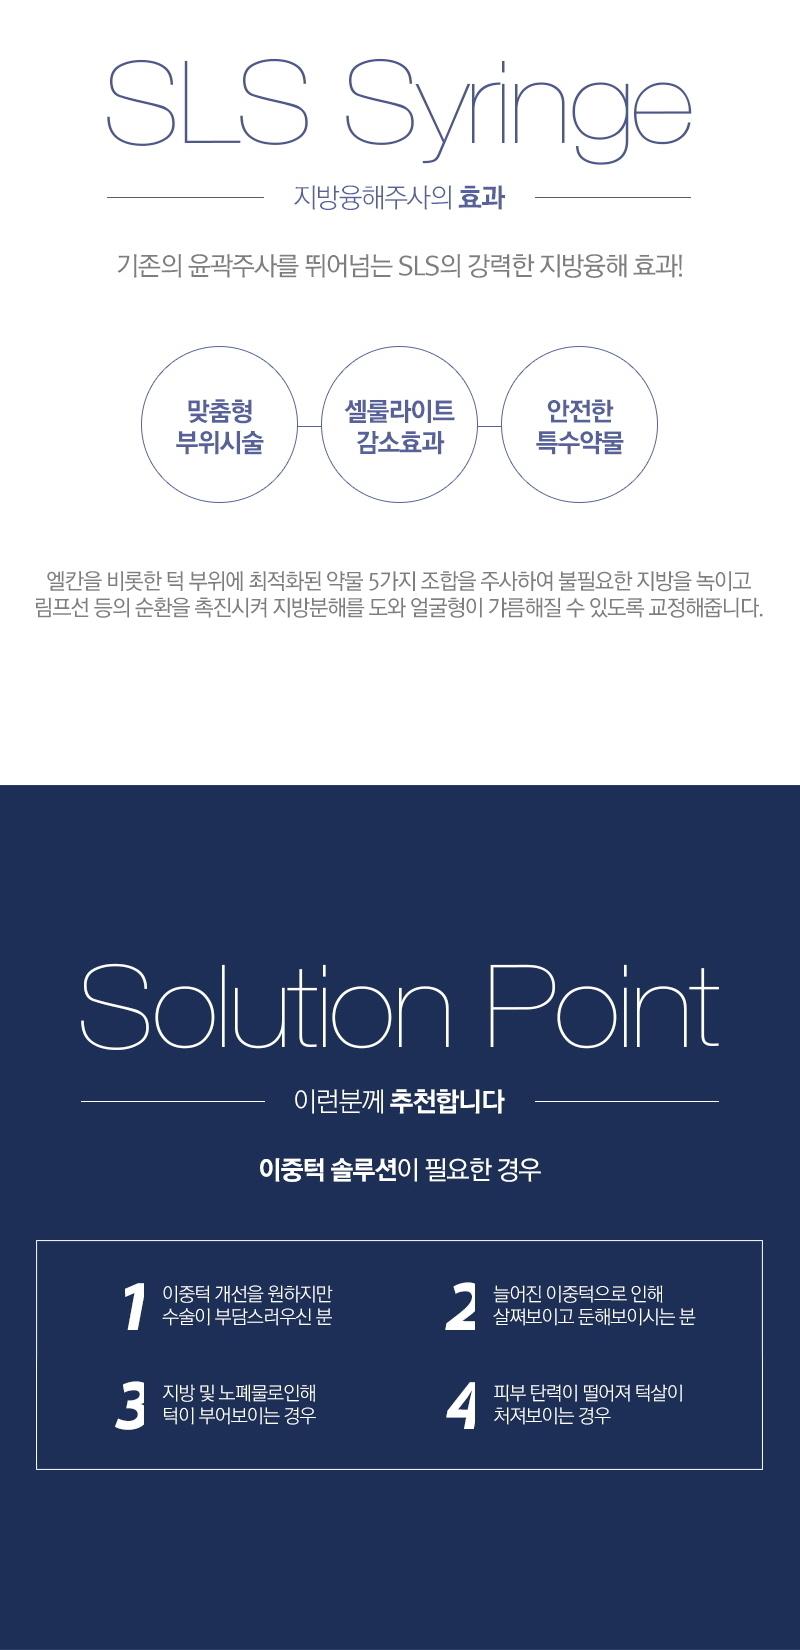 D event info c9d1147ae86e0350dc